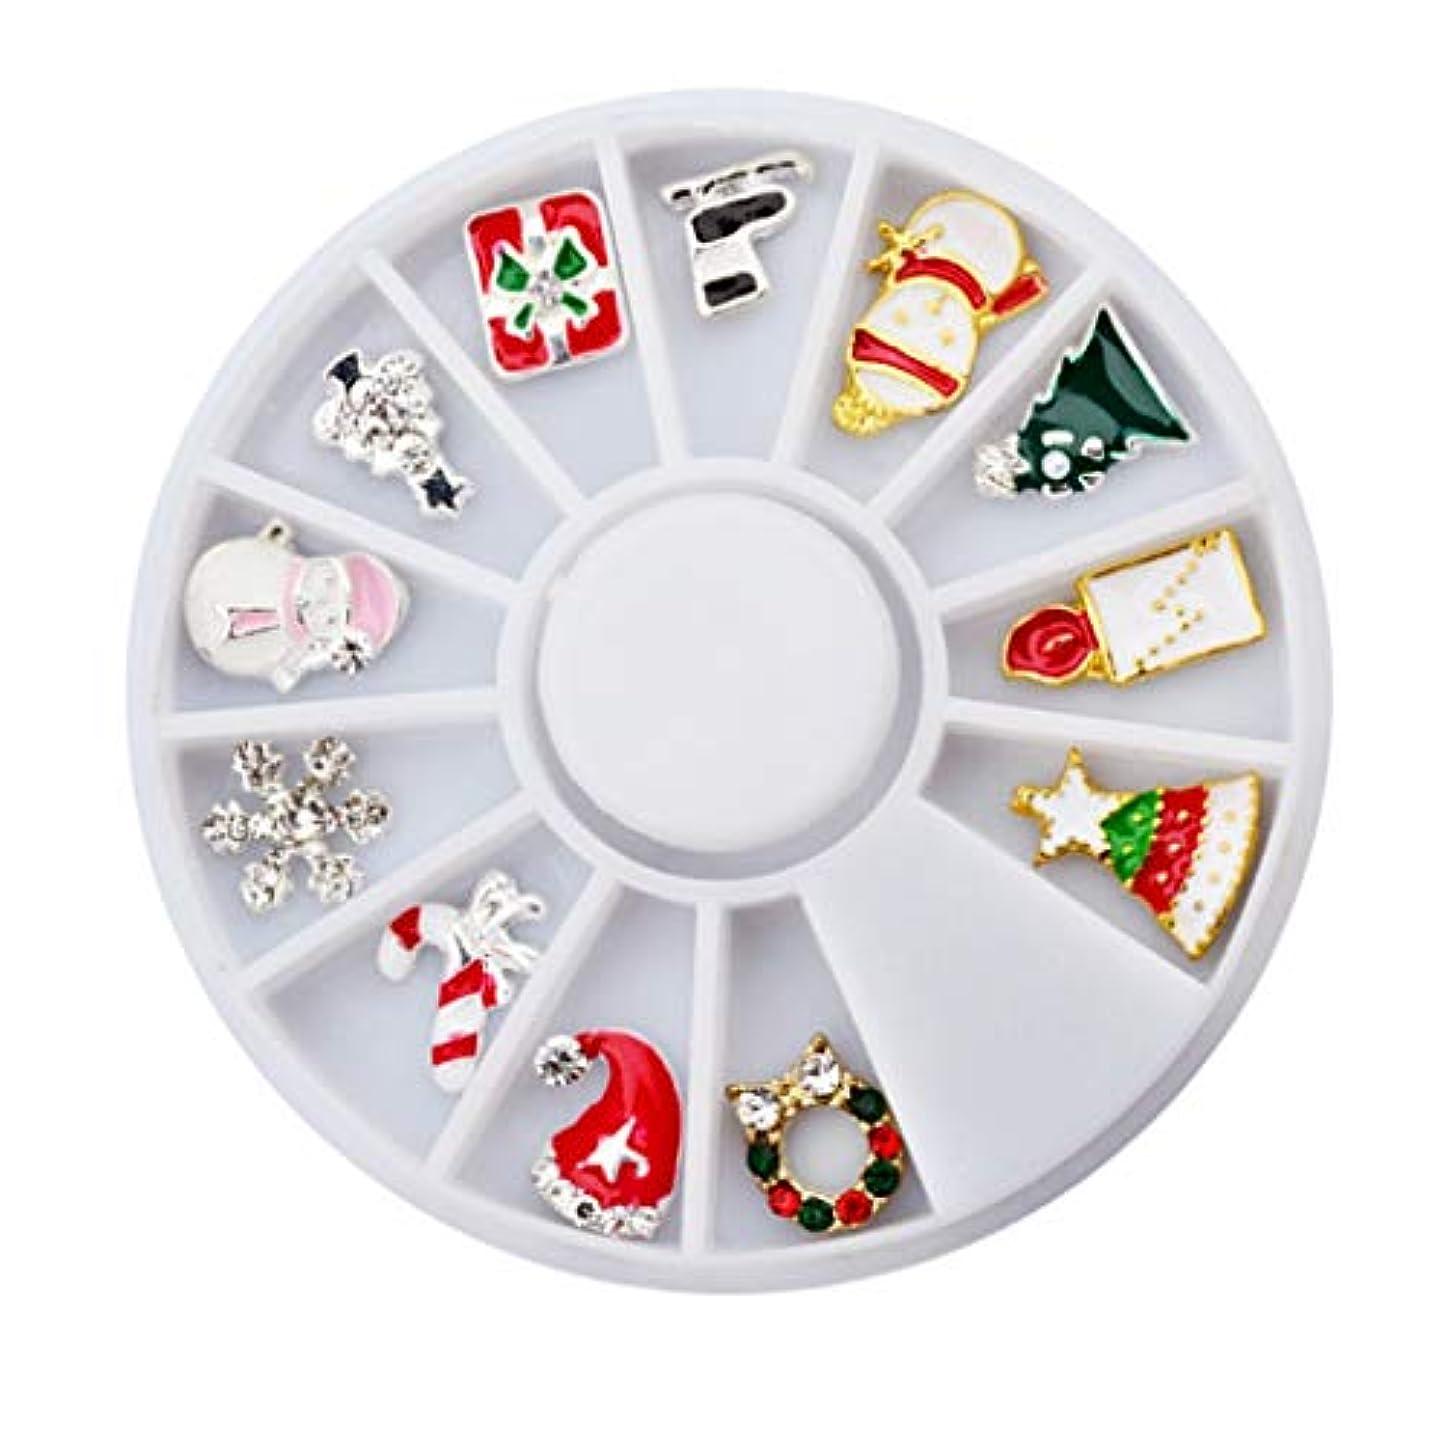 改善するほとんどない誠意Toygogo ネイルアート3Dアクセサリー12個混合クリスマス合金デカールDIY飾り装飾ステッカー